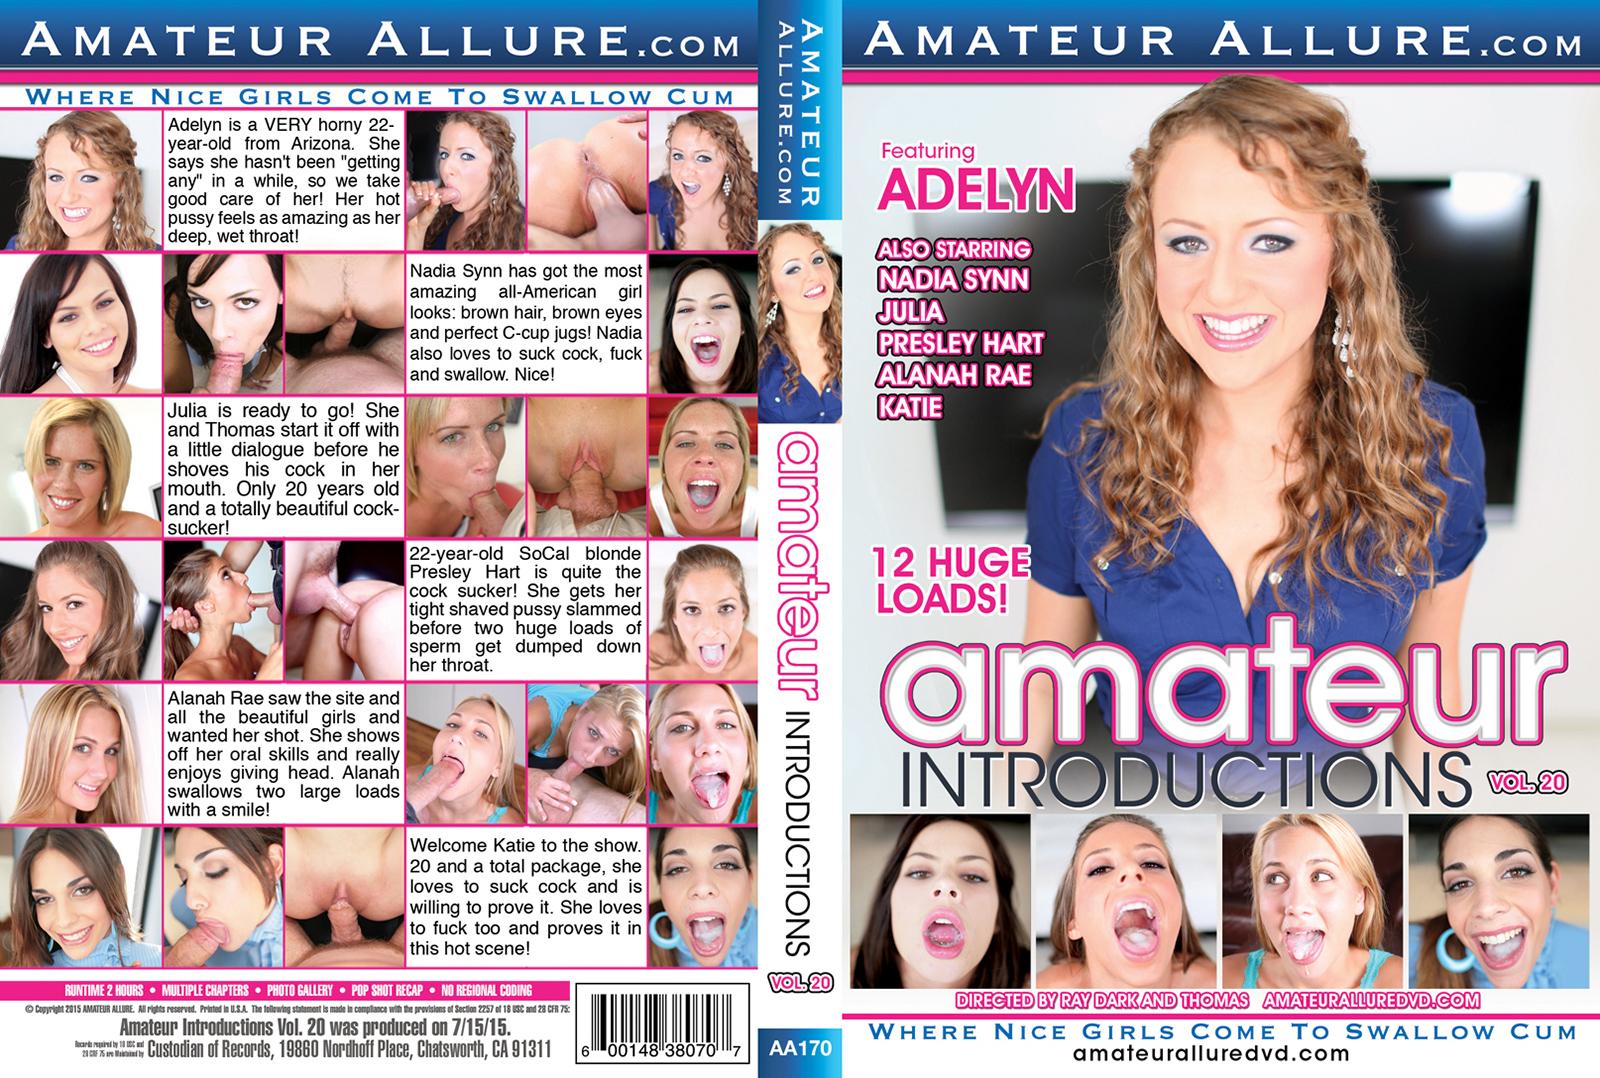 amateur_introductions_20-dvd-large.jpg